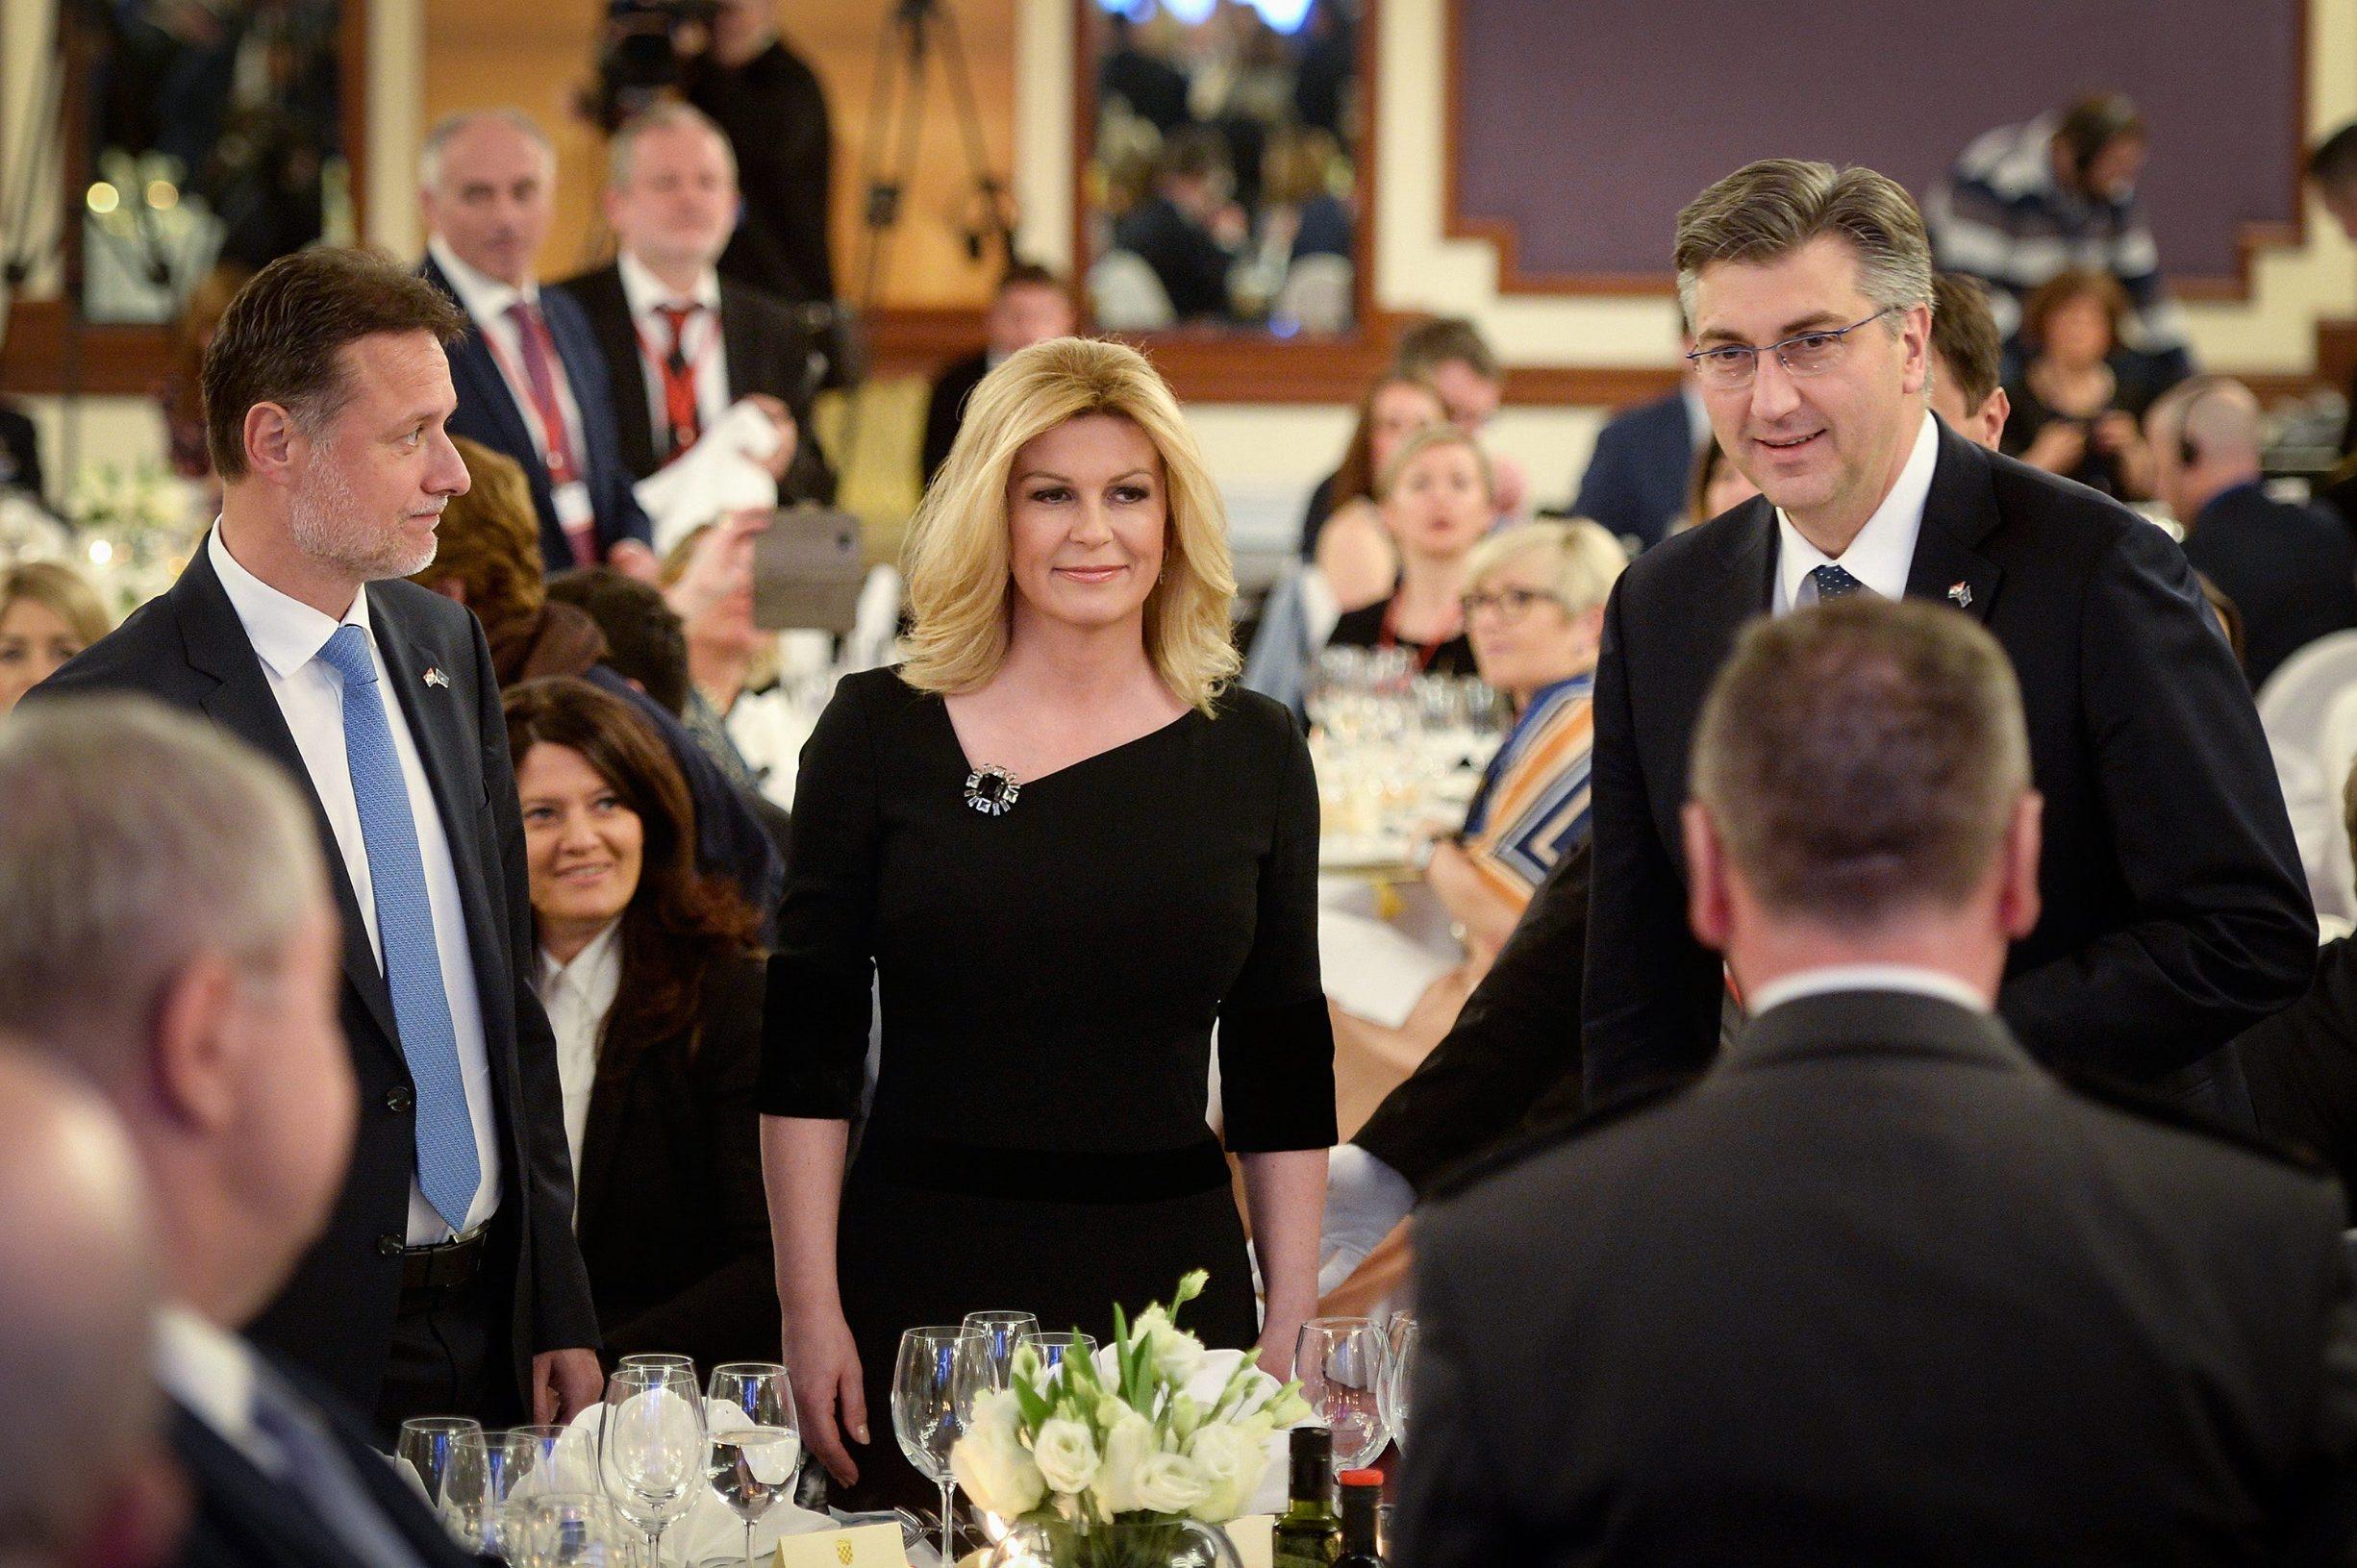 Ključni ljudi predsjedanja EU: predsjednik Sabora Gordan Jandroković, predsjednica Kolinda Grabar-Kitarović i premijer Andrej Plenković